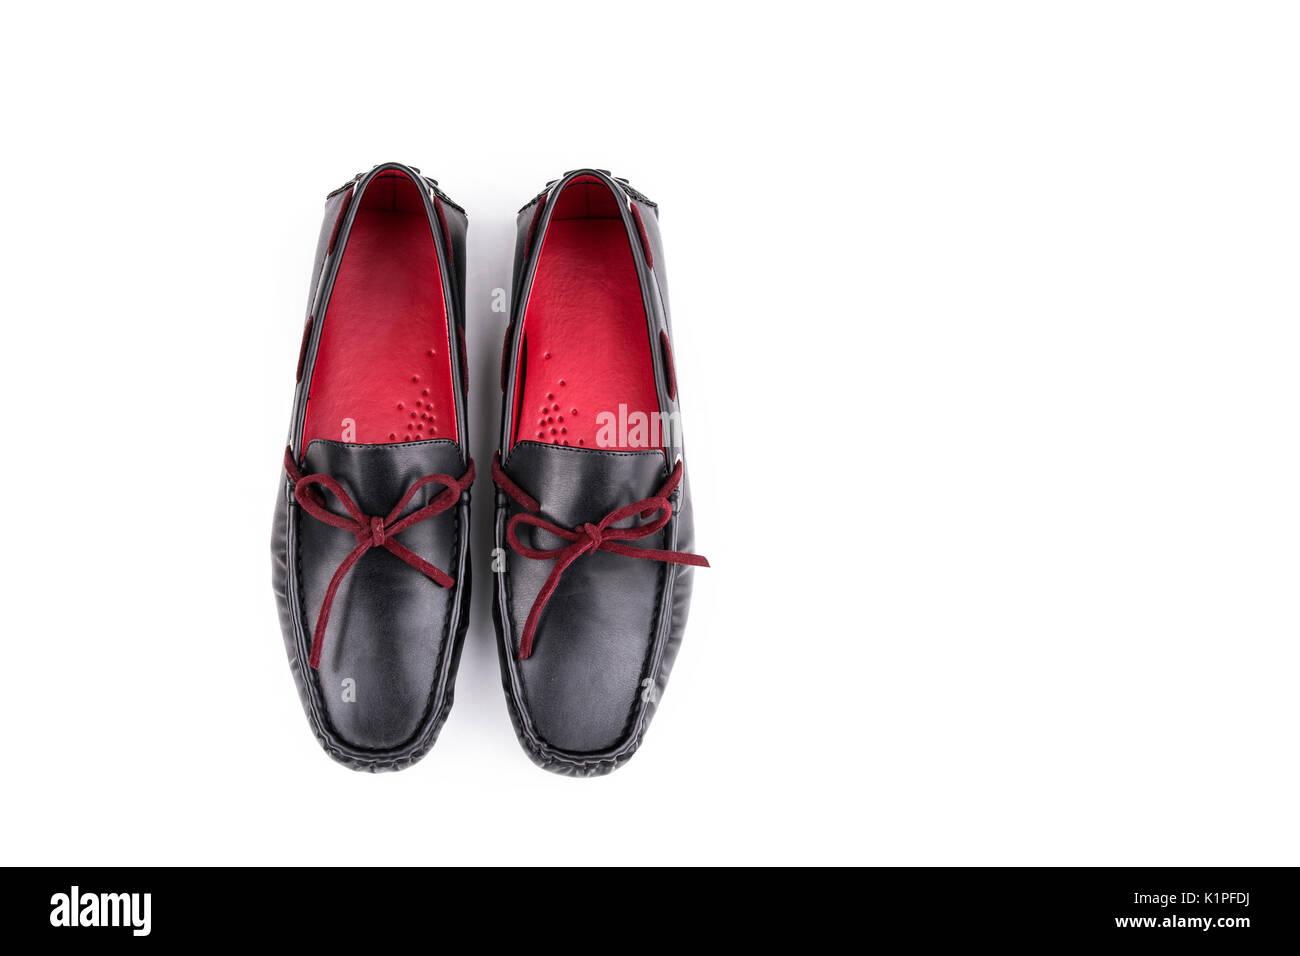 bd9ee3d23527b Rouge et noir élégant chaussures mocassins en cuir paire isolé sur fond  blanc du haut Photo